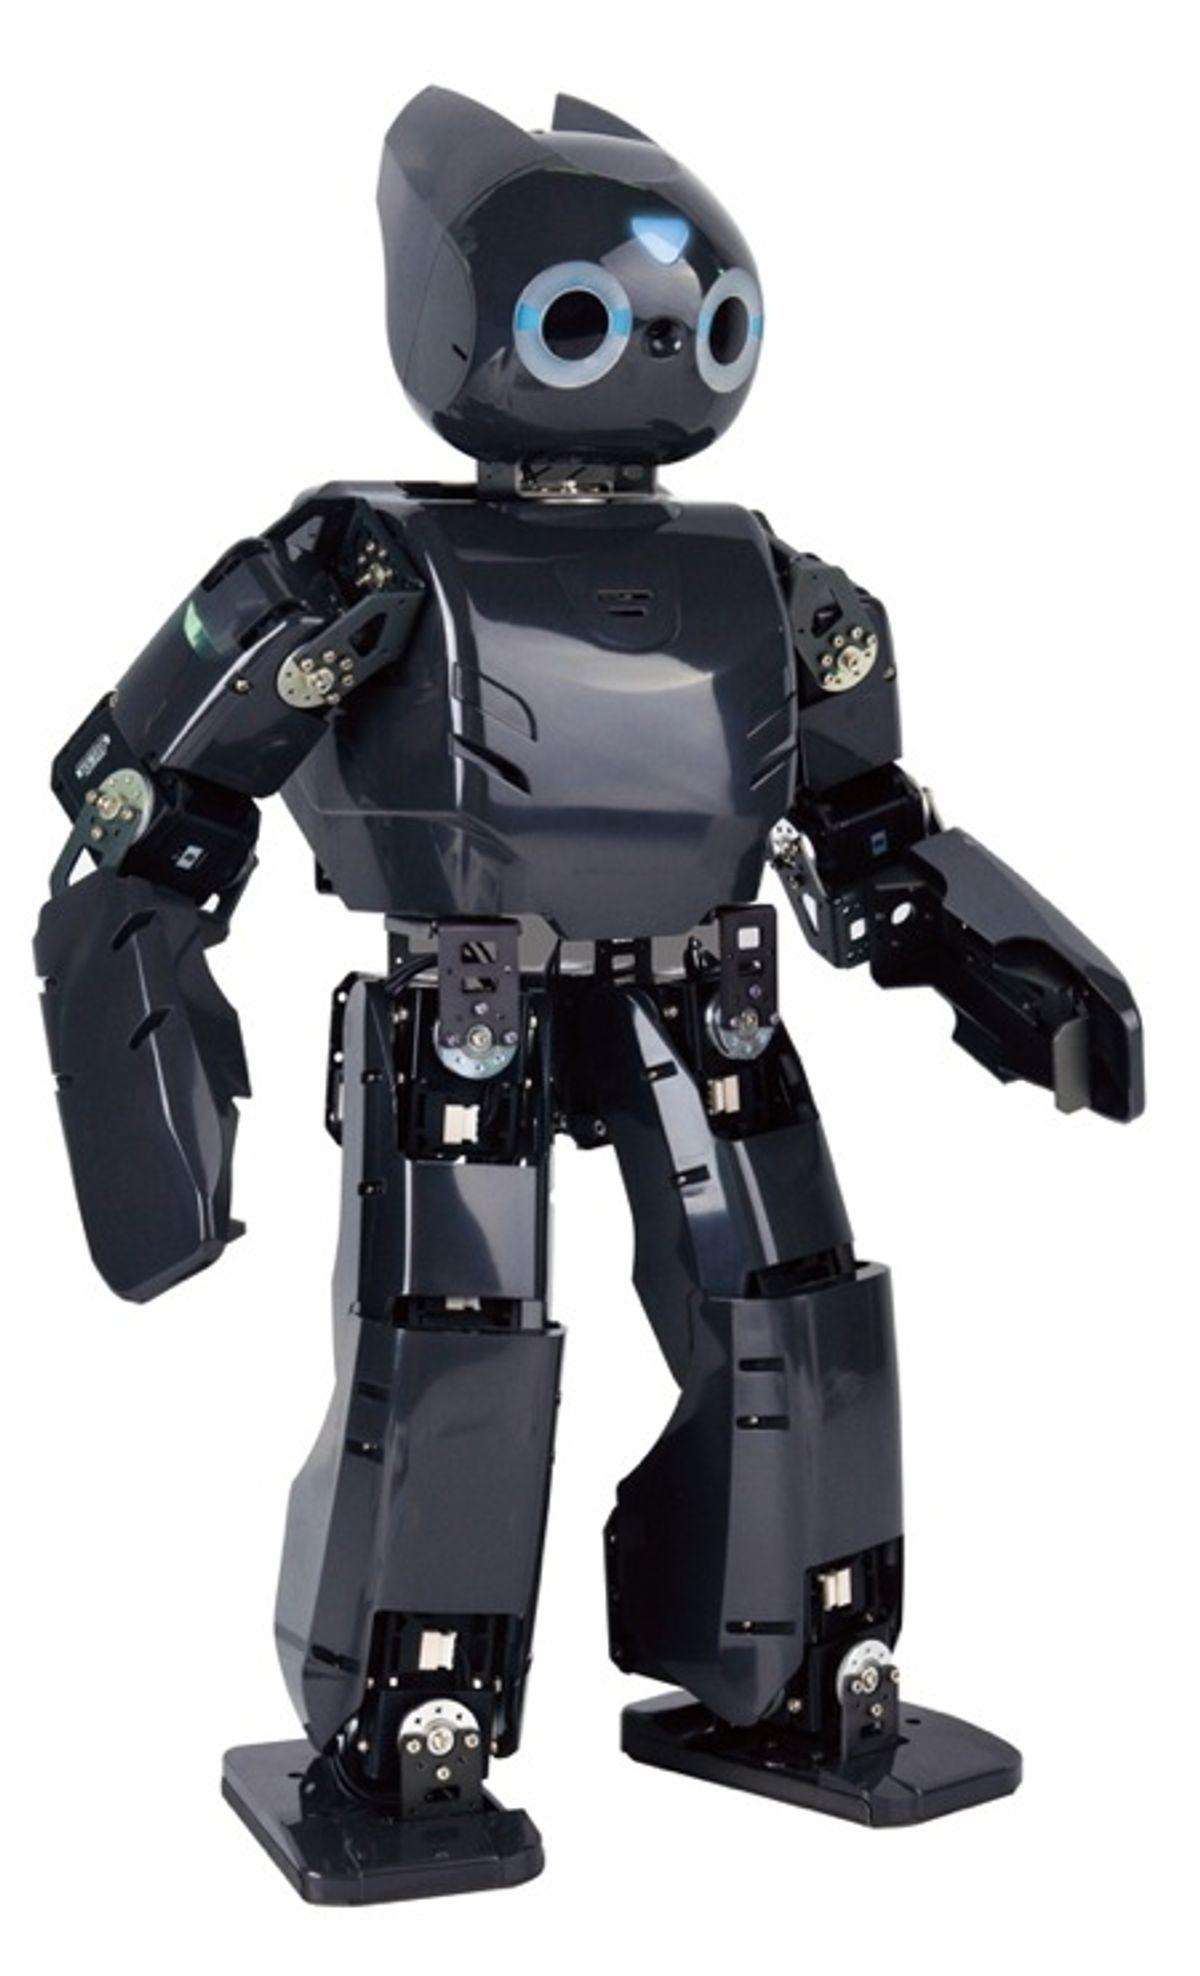 DARwIn-OP Humanoid Robot Demo